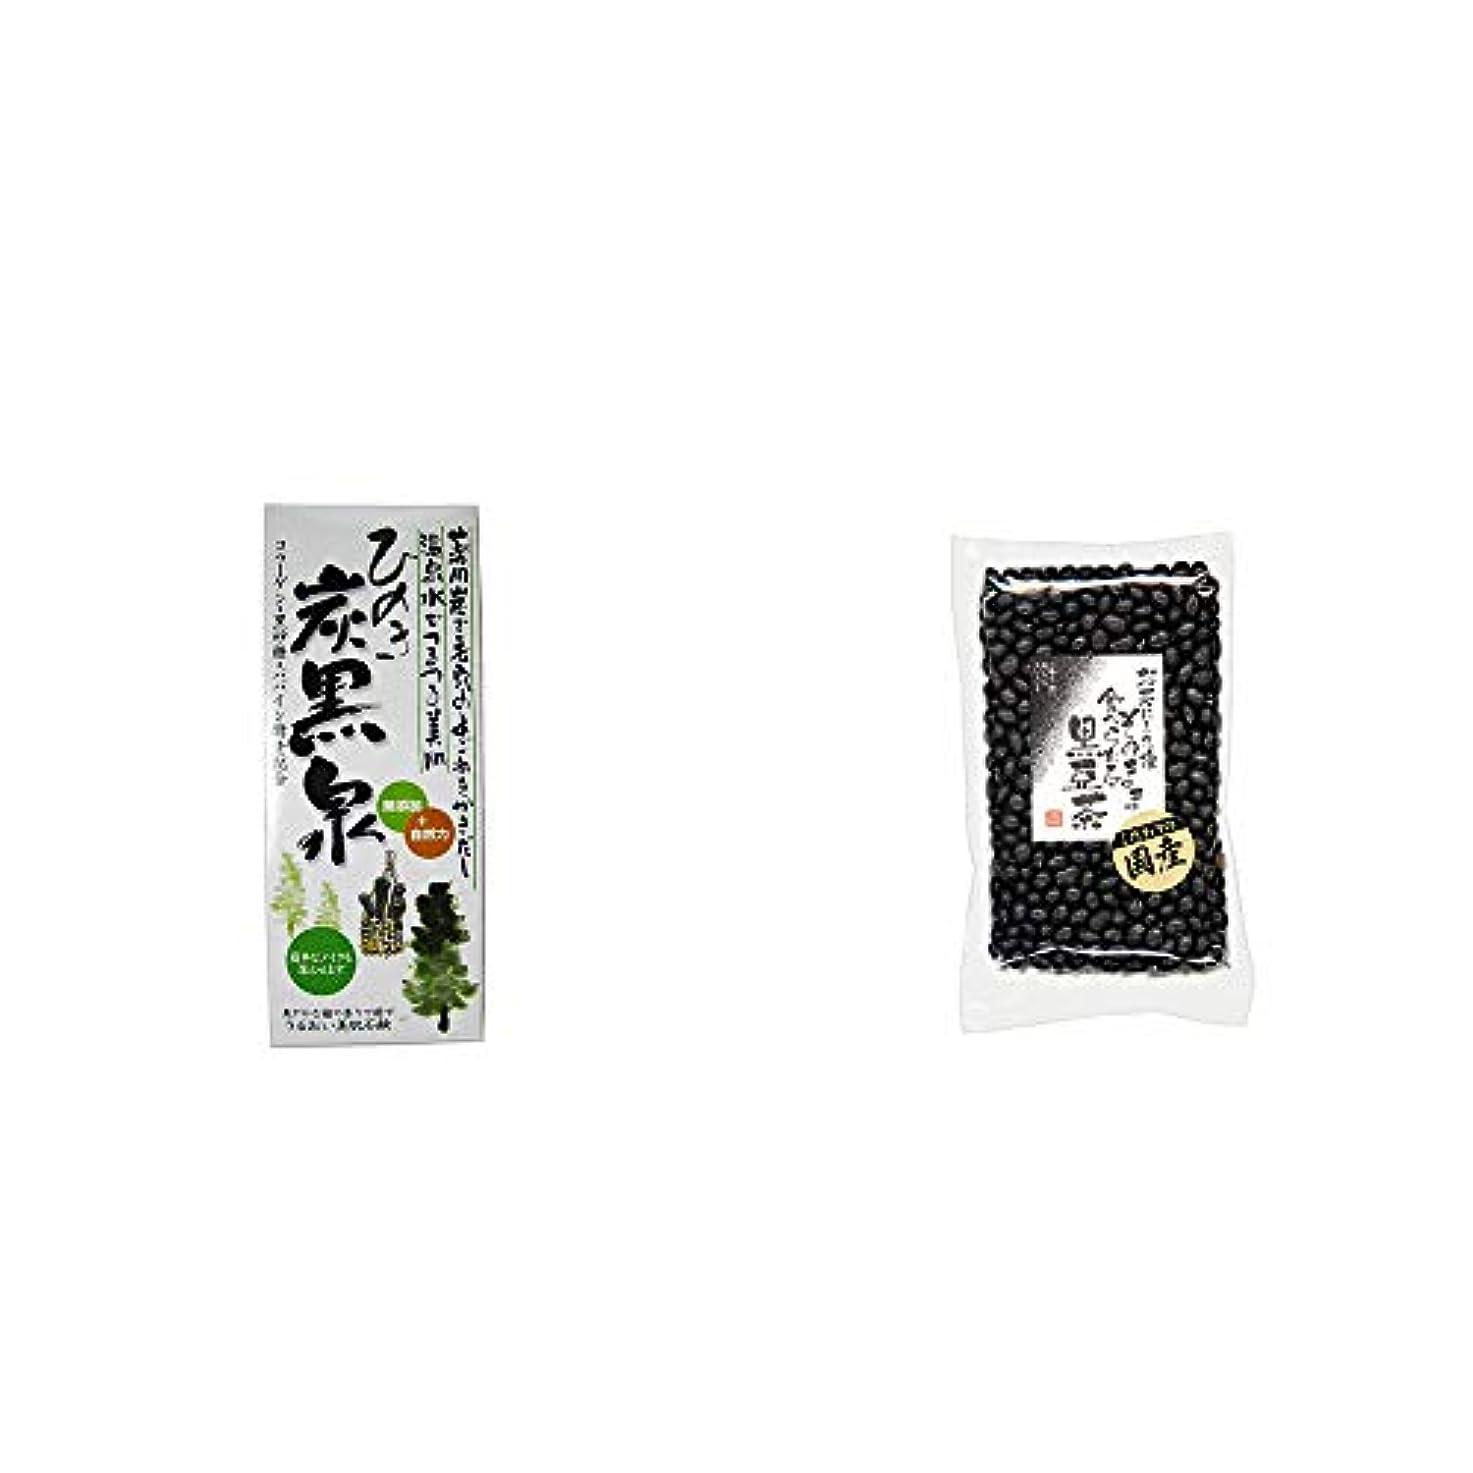 水銀の刈り取る痴漢[2点セット] ひのき炭黒泉 箱入り(75g×3)?国産 黒豆茶(200g)